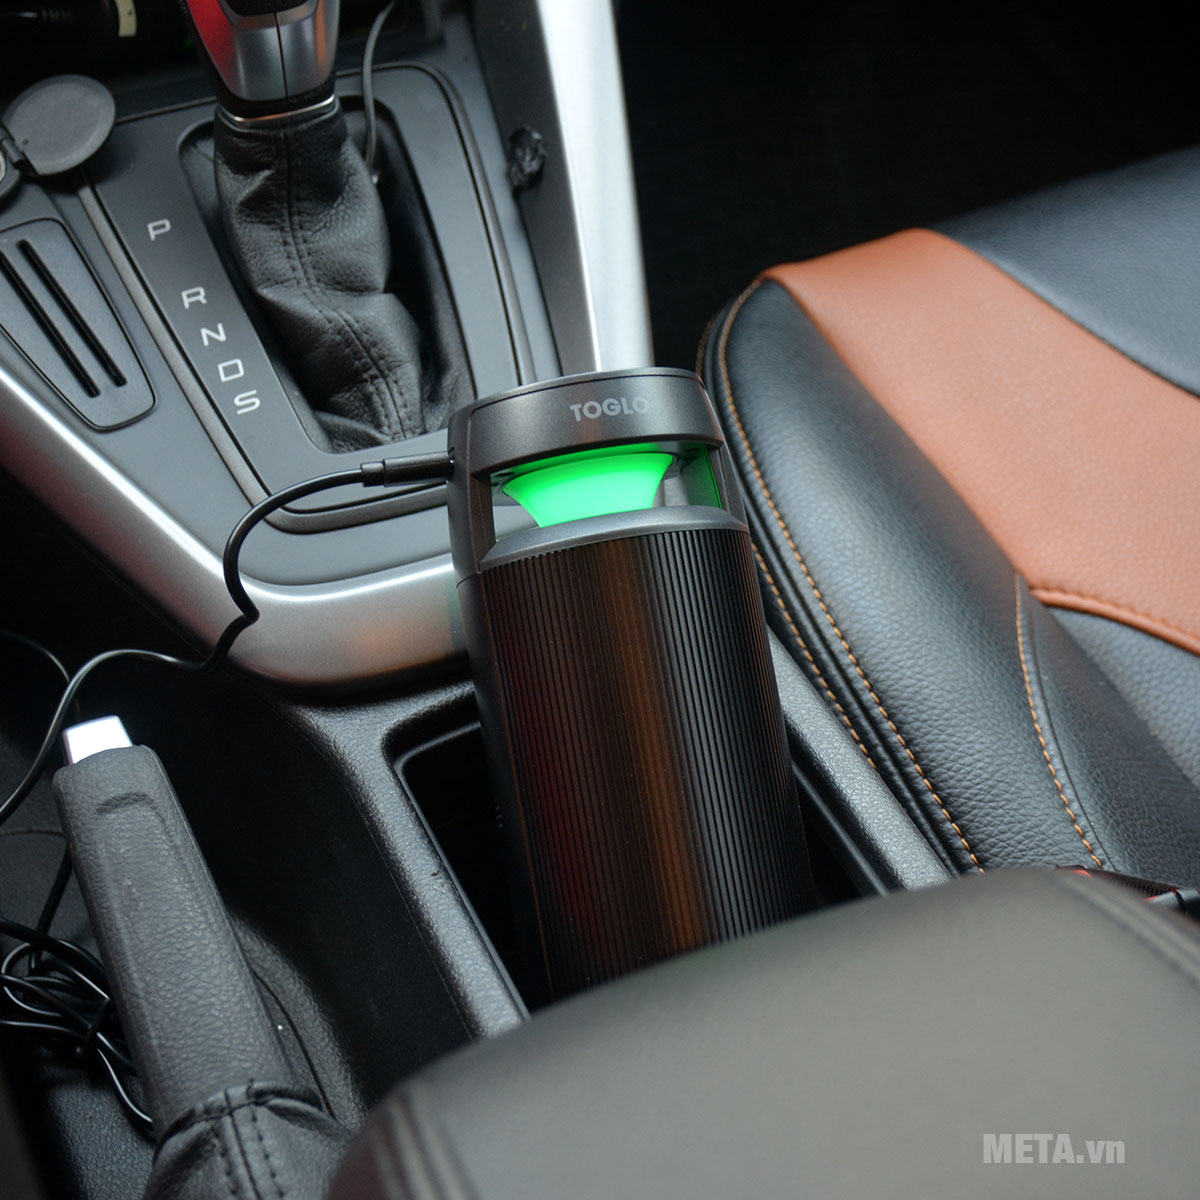 Máy lọc không khí ô tô Toglo TG-C19 có đèn báo chất lượng không khí